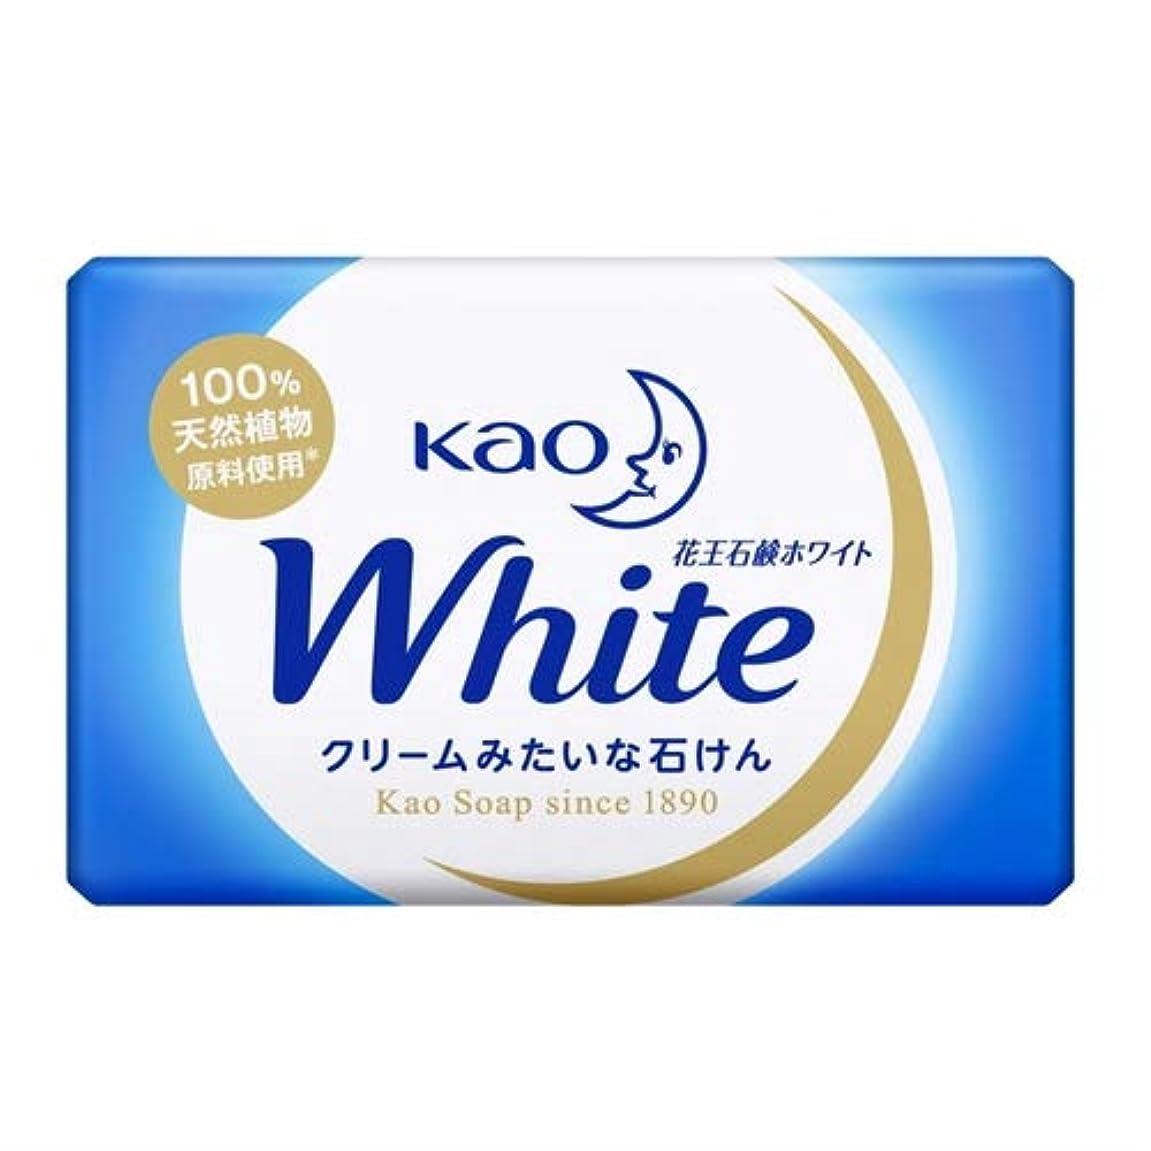 作ります流用するトークン花王石鹸ホワイト 業務用ミニサイズ 15g × 5個セット